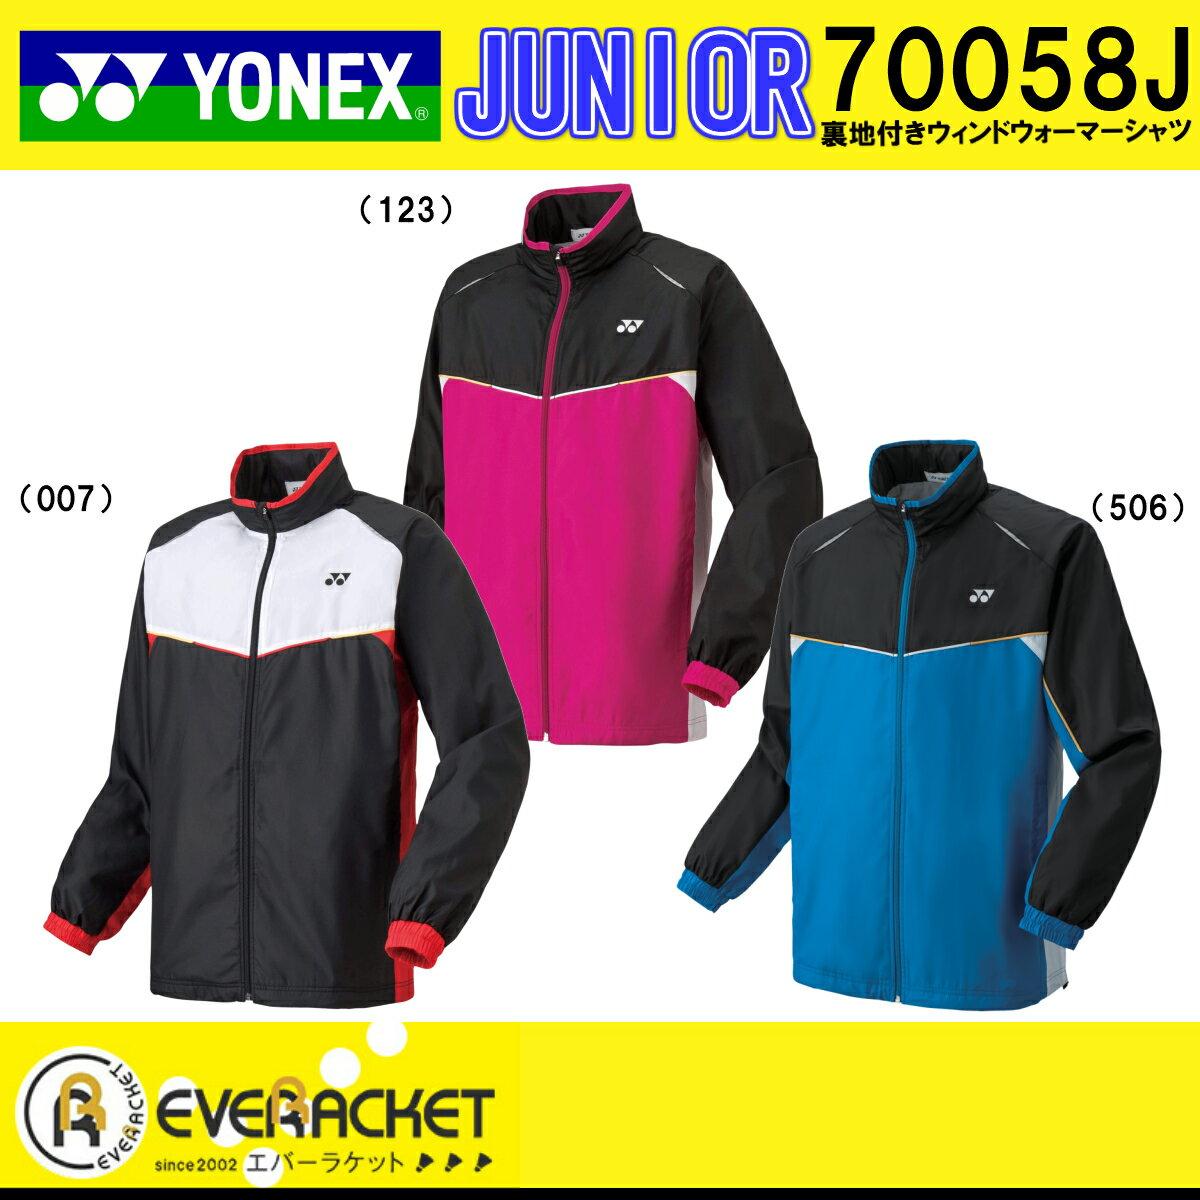 【お買い得商品】YONEX ヨネックス バドミントン テニス ソフトテニス ウエア ジュニアウインドウォーマーシャツ 70058J